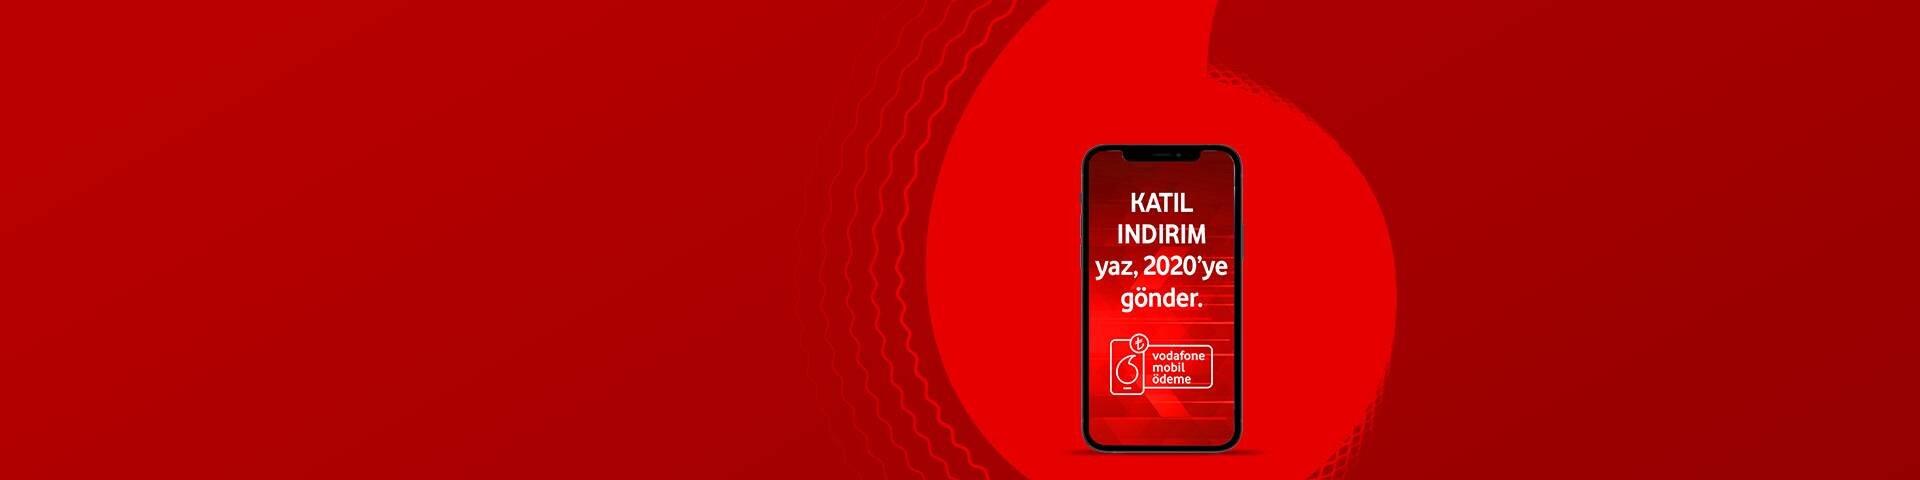 Vodafone Mobil Ödeme'den 20 TL Hediye!